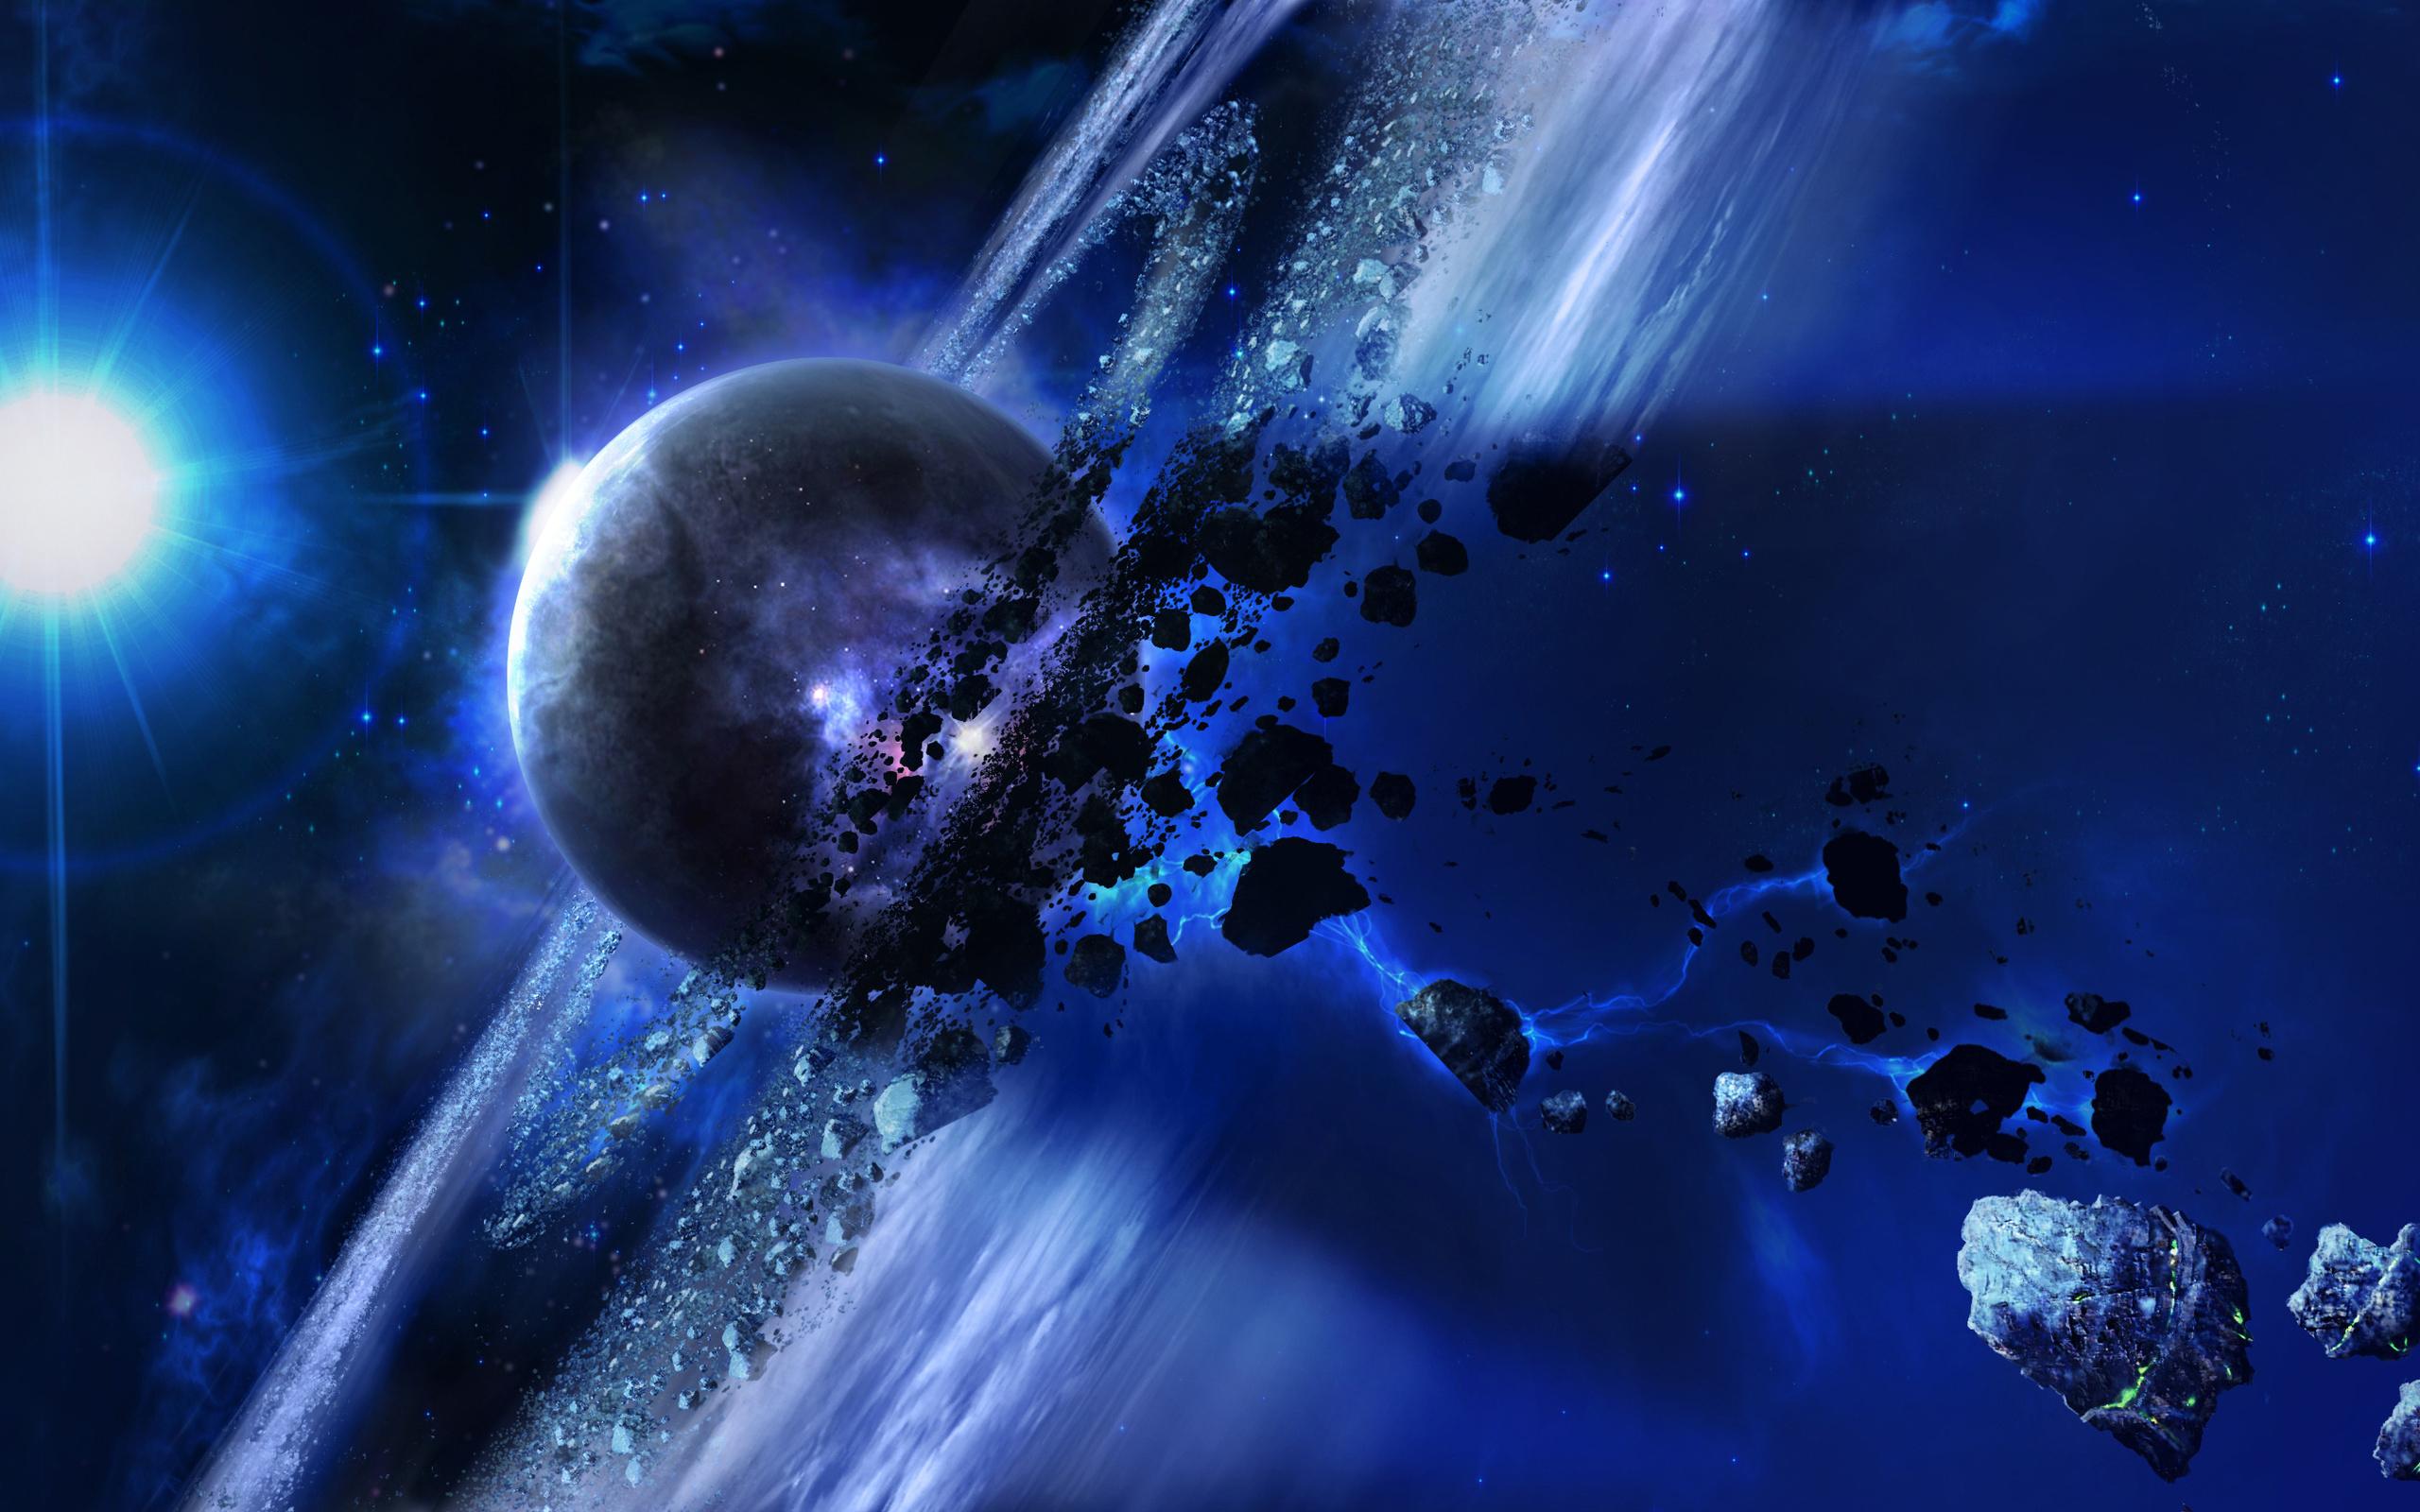 обои для рабочего стола космос метеориты № 610666 загрузить